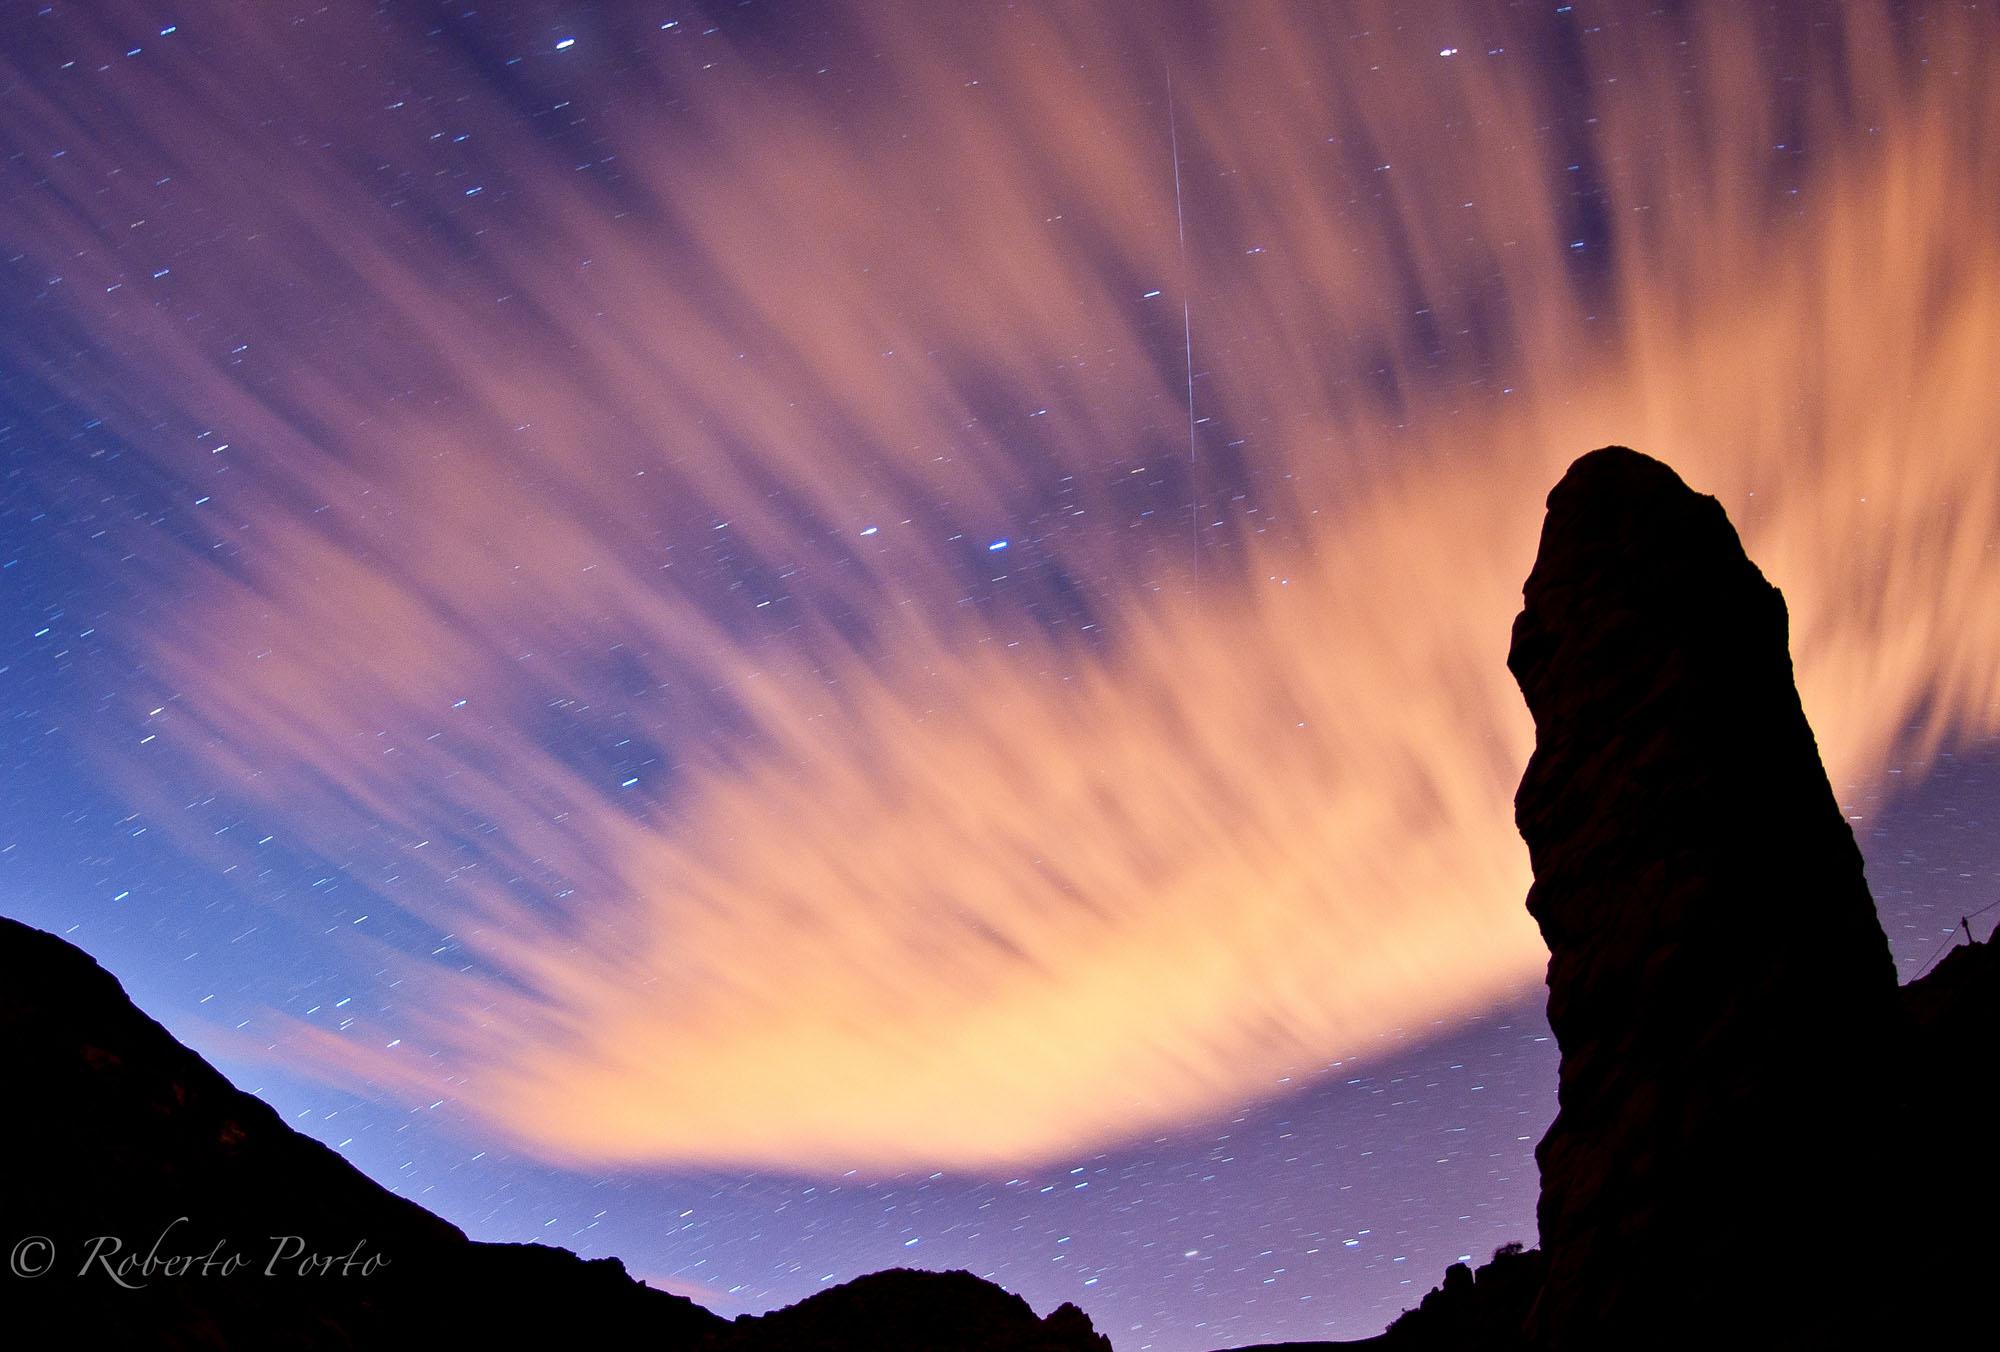 2012 Quadrantid Meteor Shower: Roberto Porto